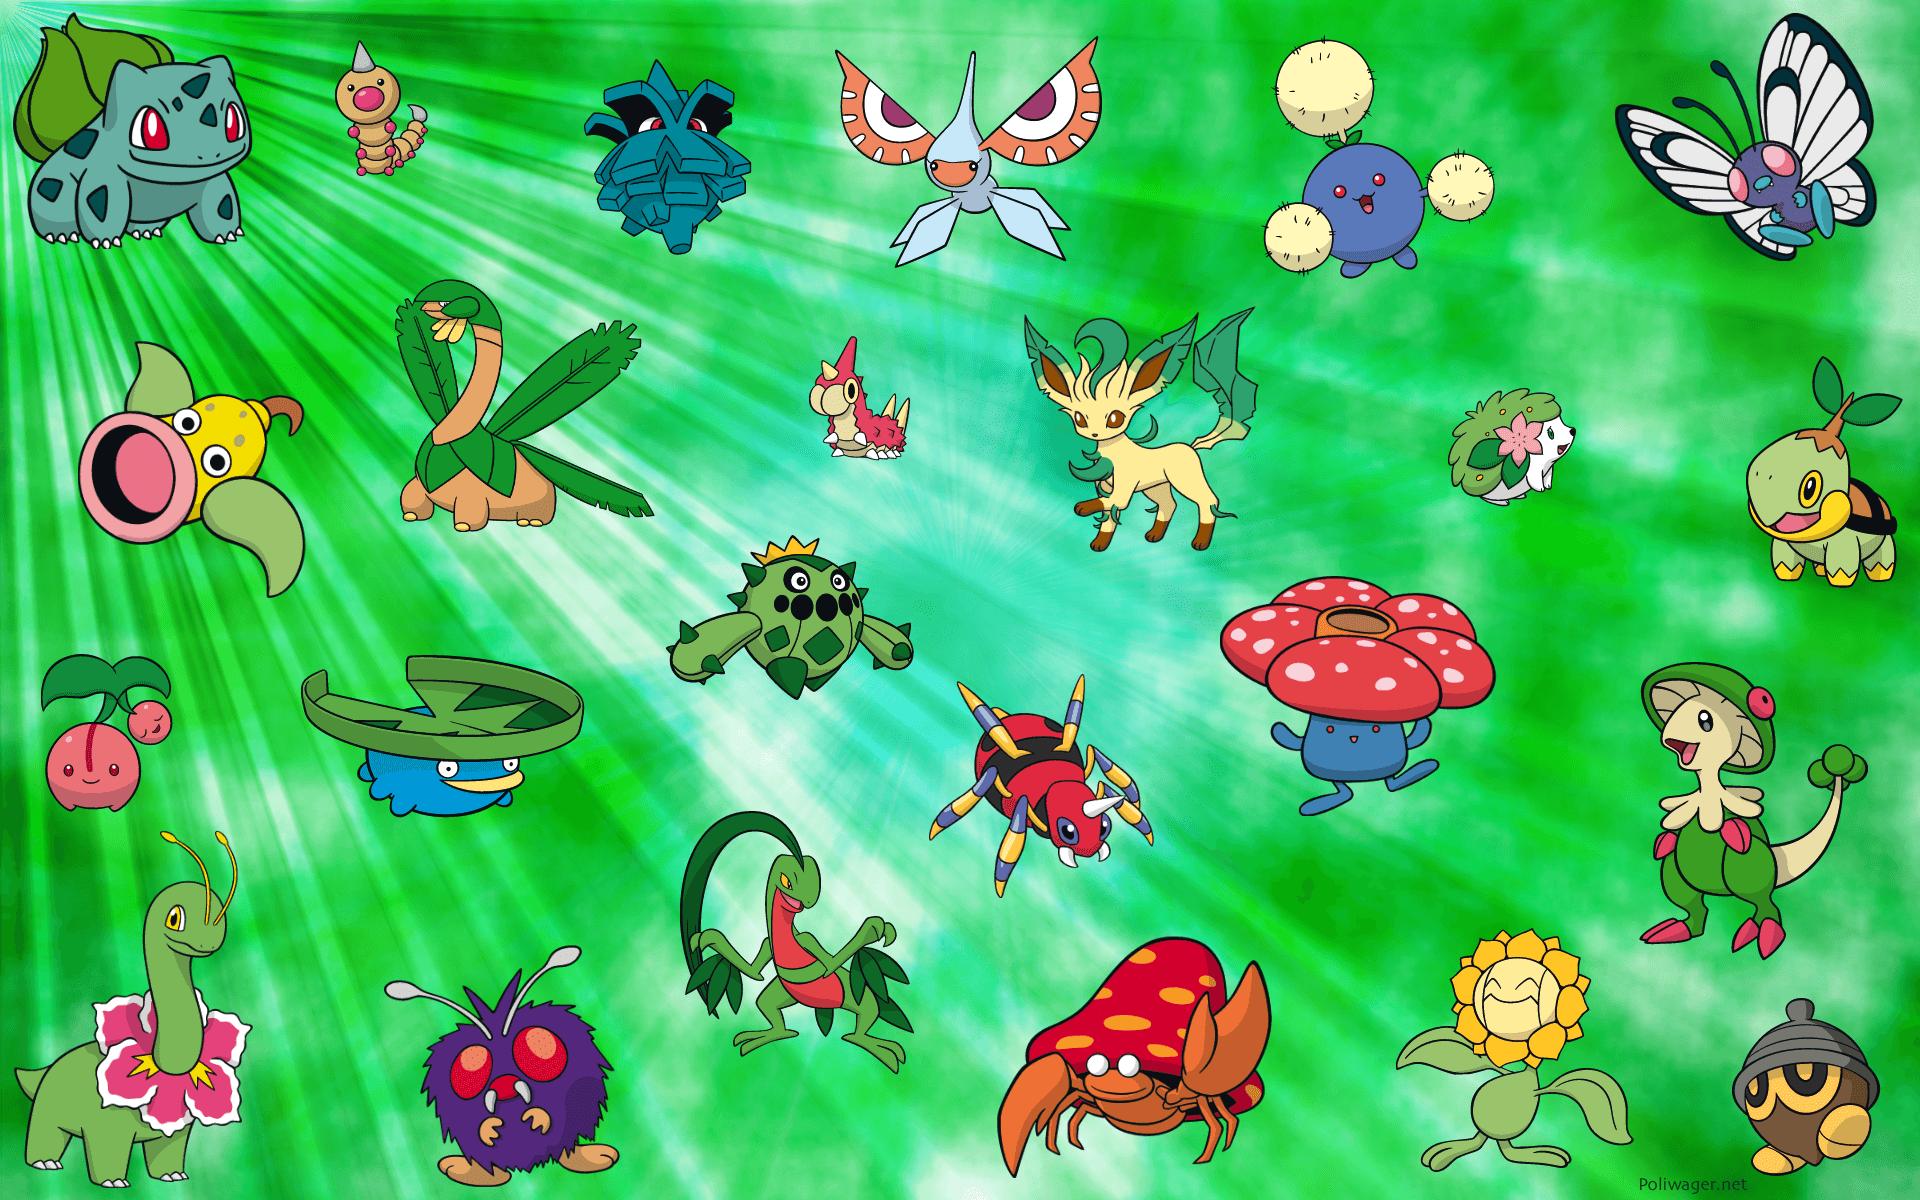 Grass Pokémon Wallpapers Wallpaper Cave